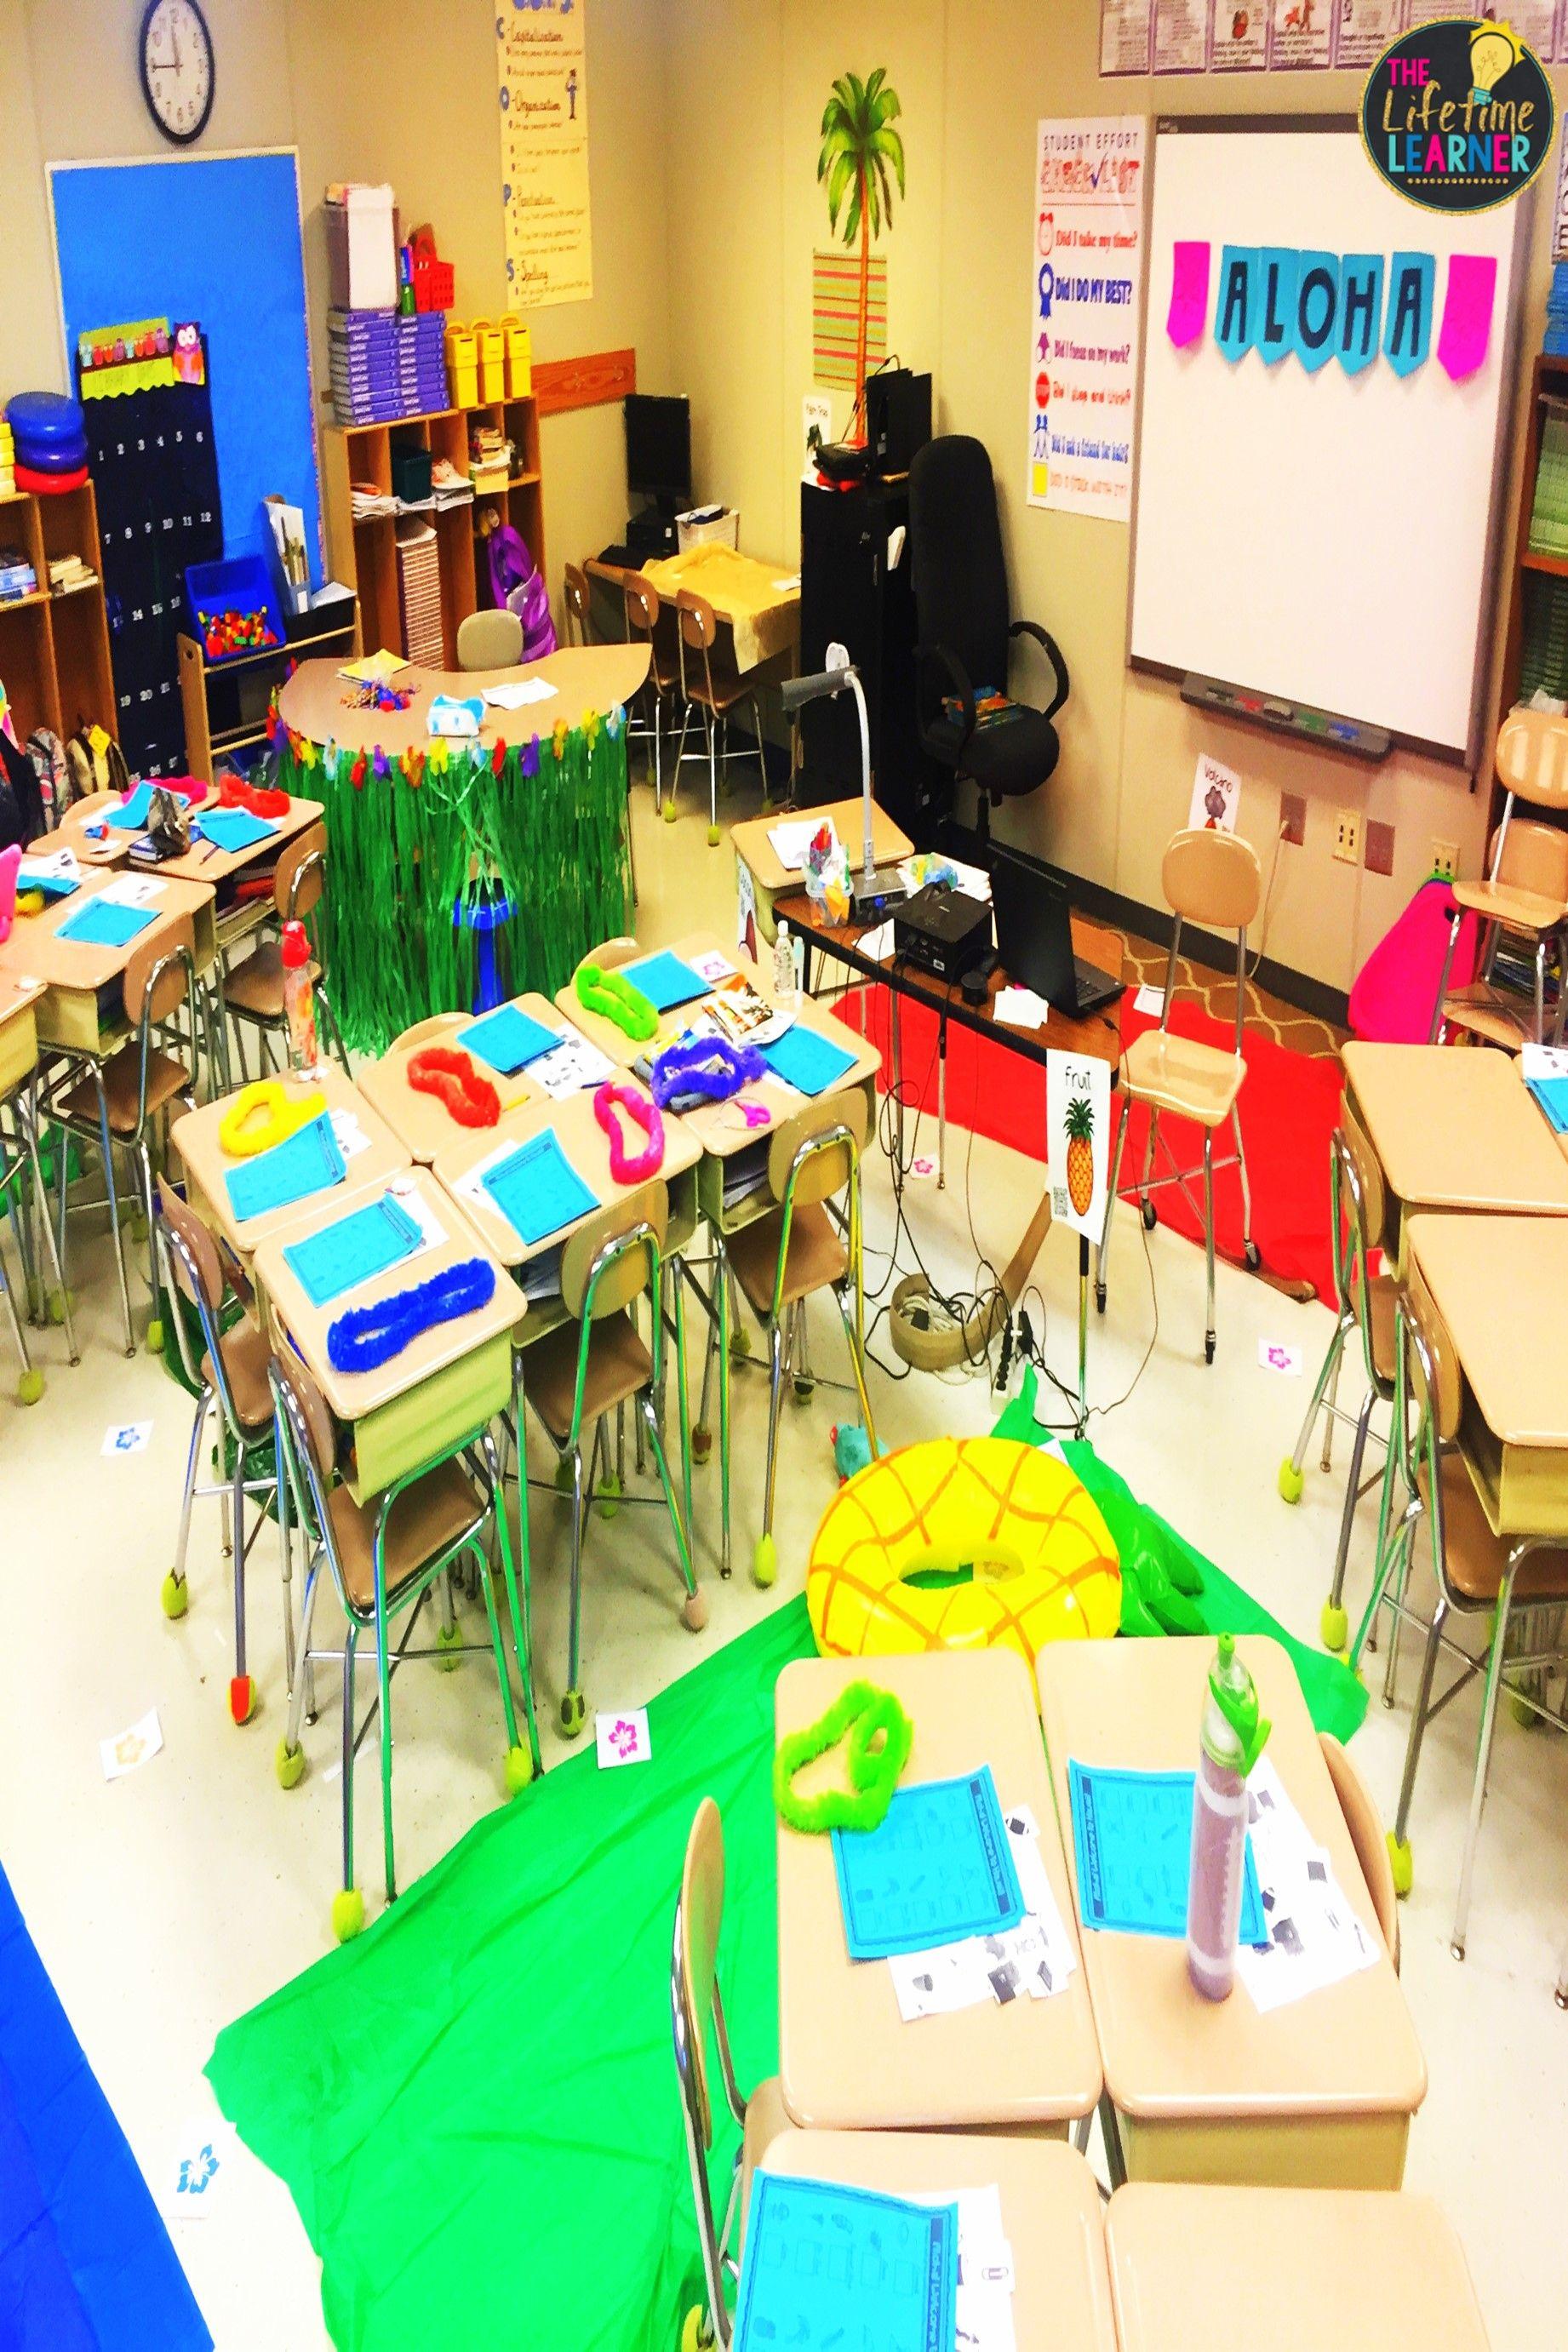 Hawaii Classroom Transformation